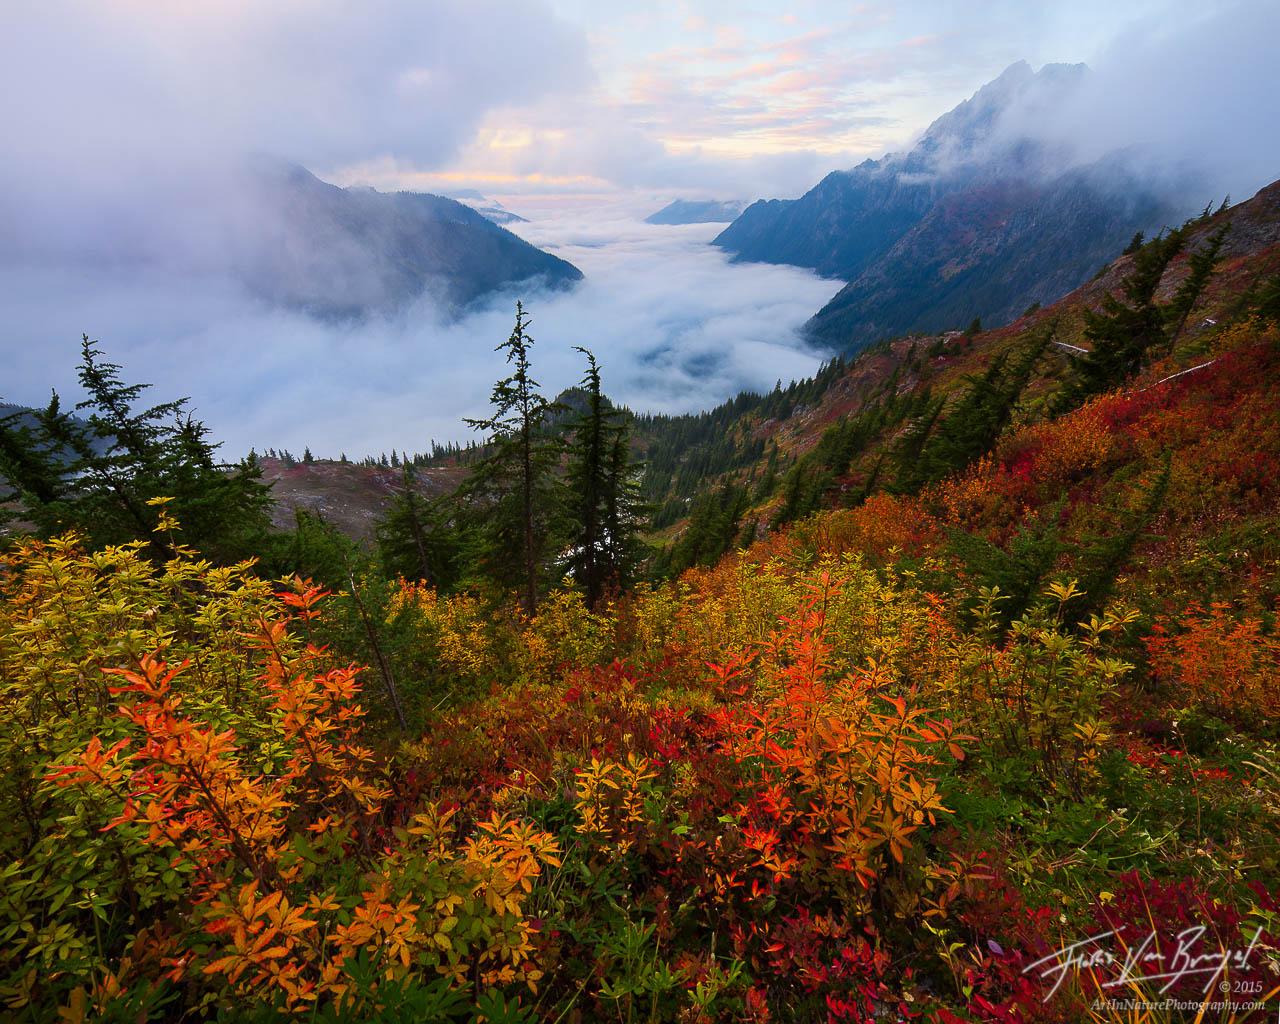 North Cascades Autumn Foliage, Mist Valley, Washington, photo